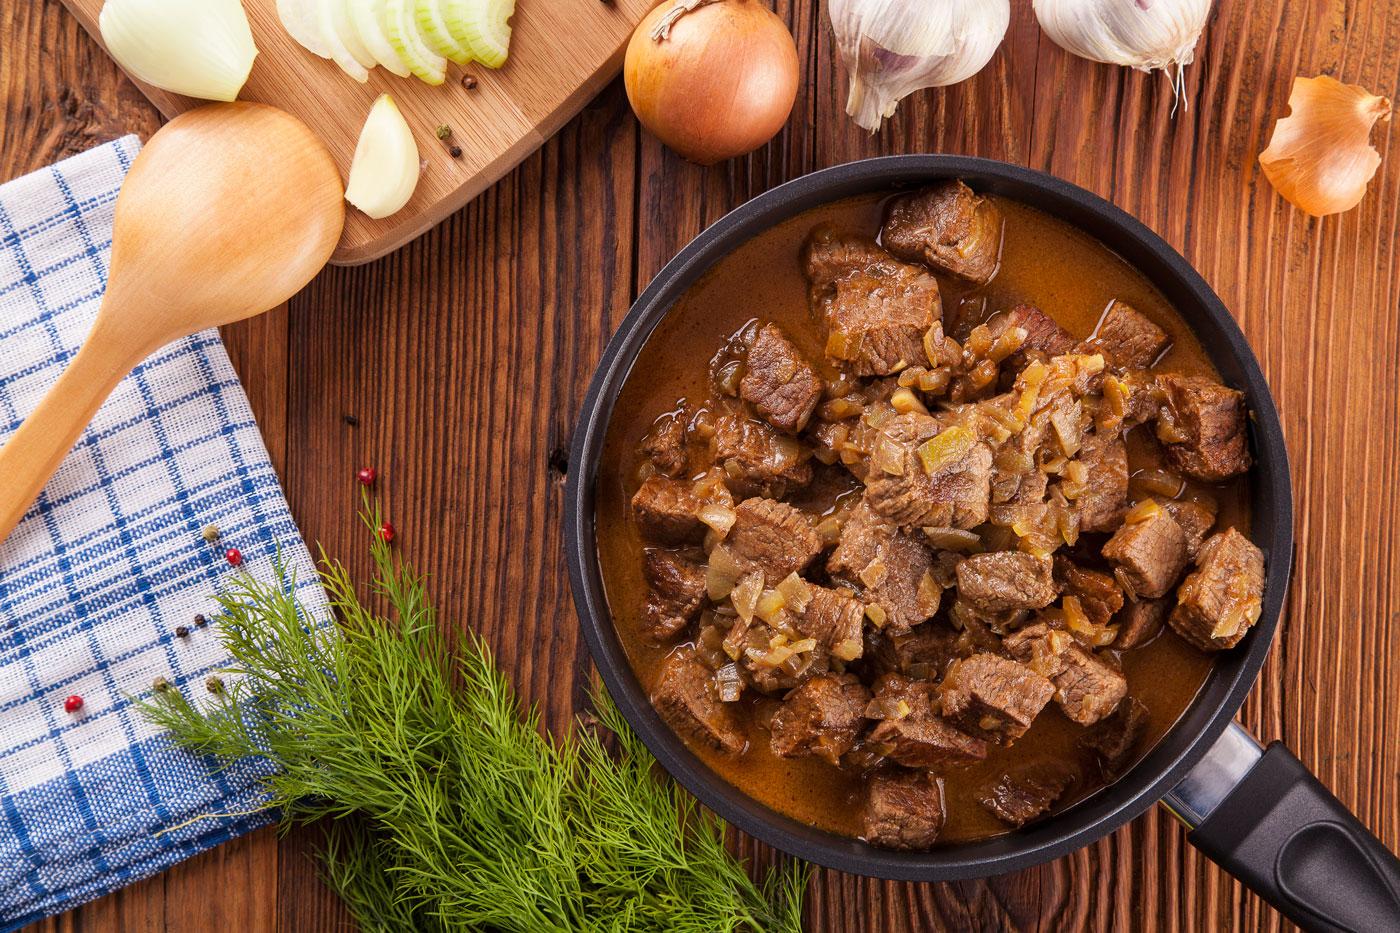 Biologische rundvlees hachee van de ambachtelijke slager